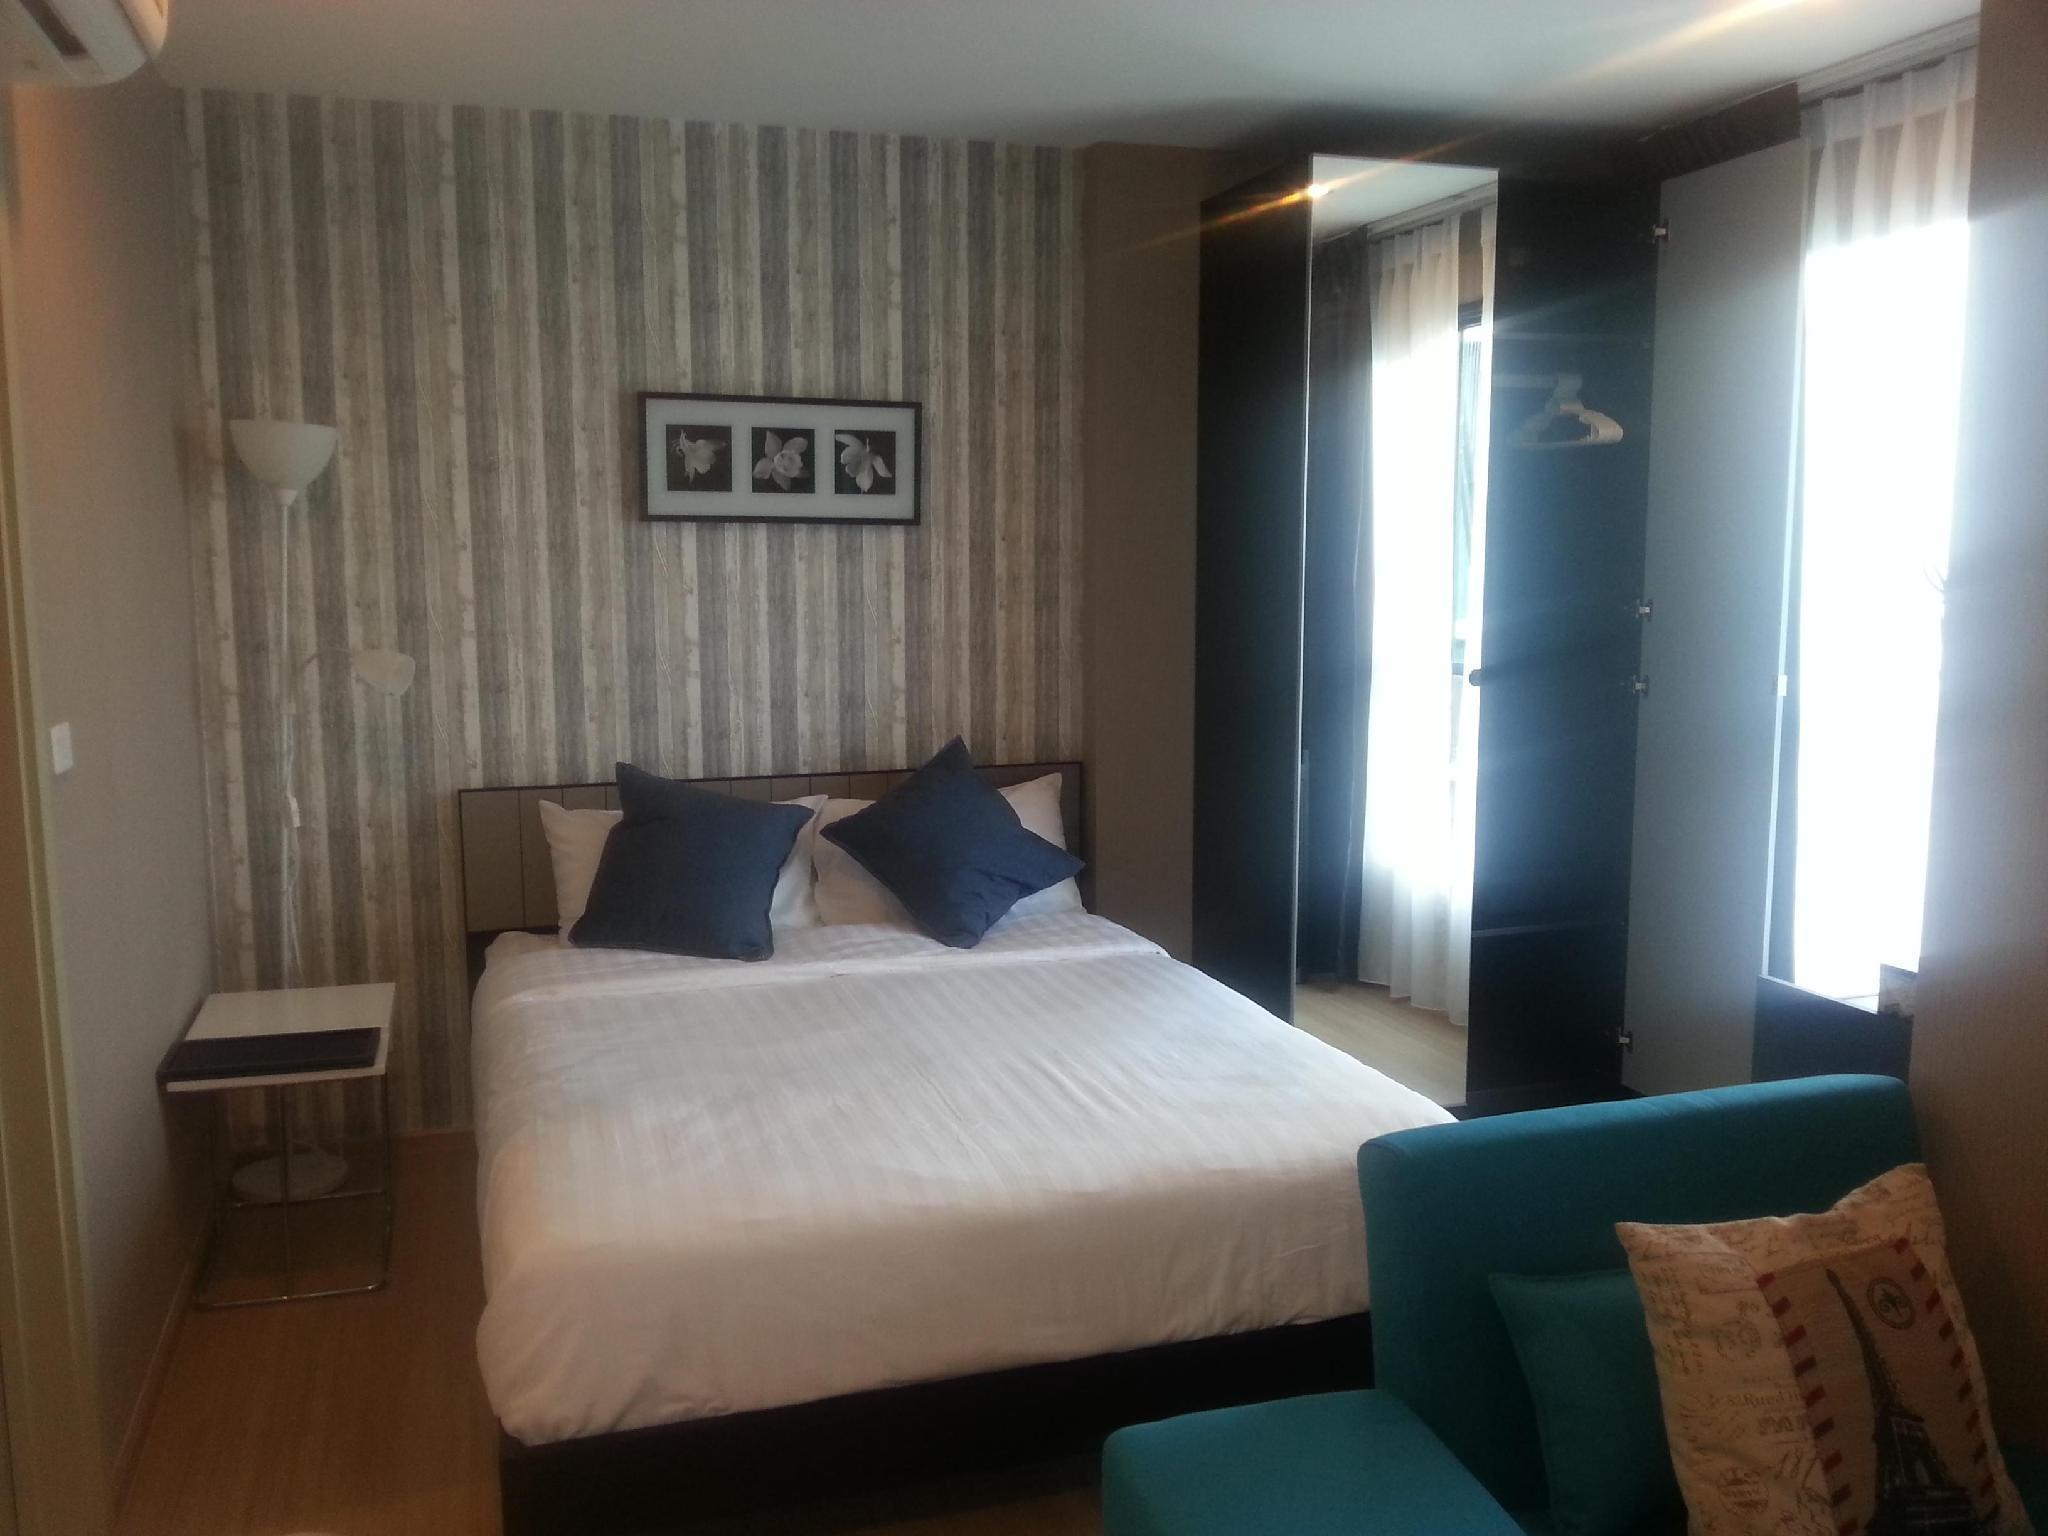 โรงแรมเดอะ เบส รามา9 บาย ริกโก้